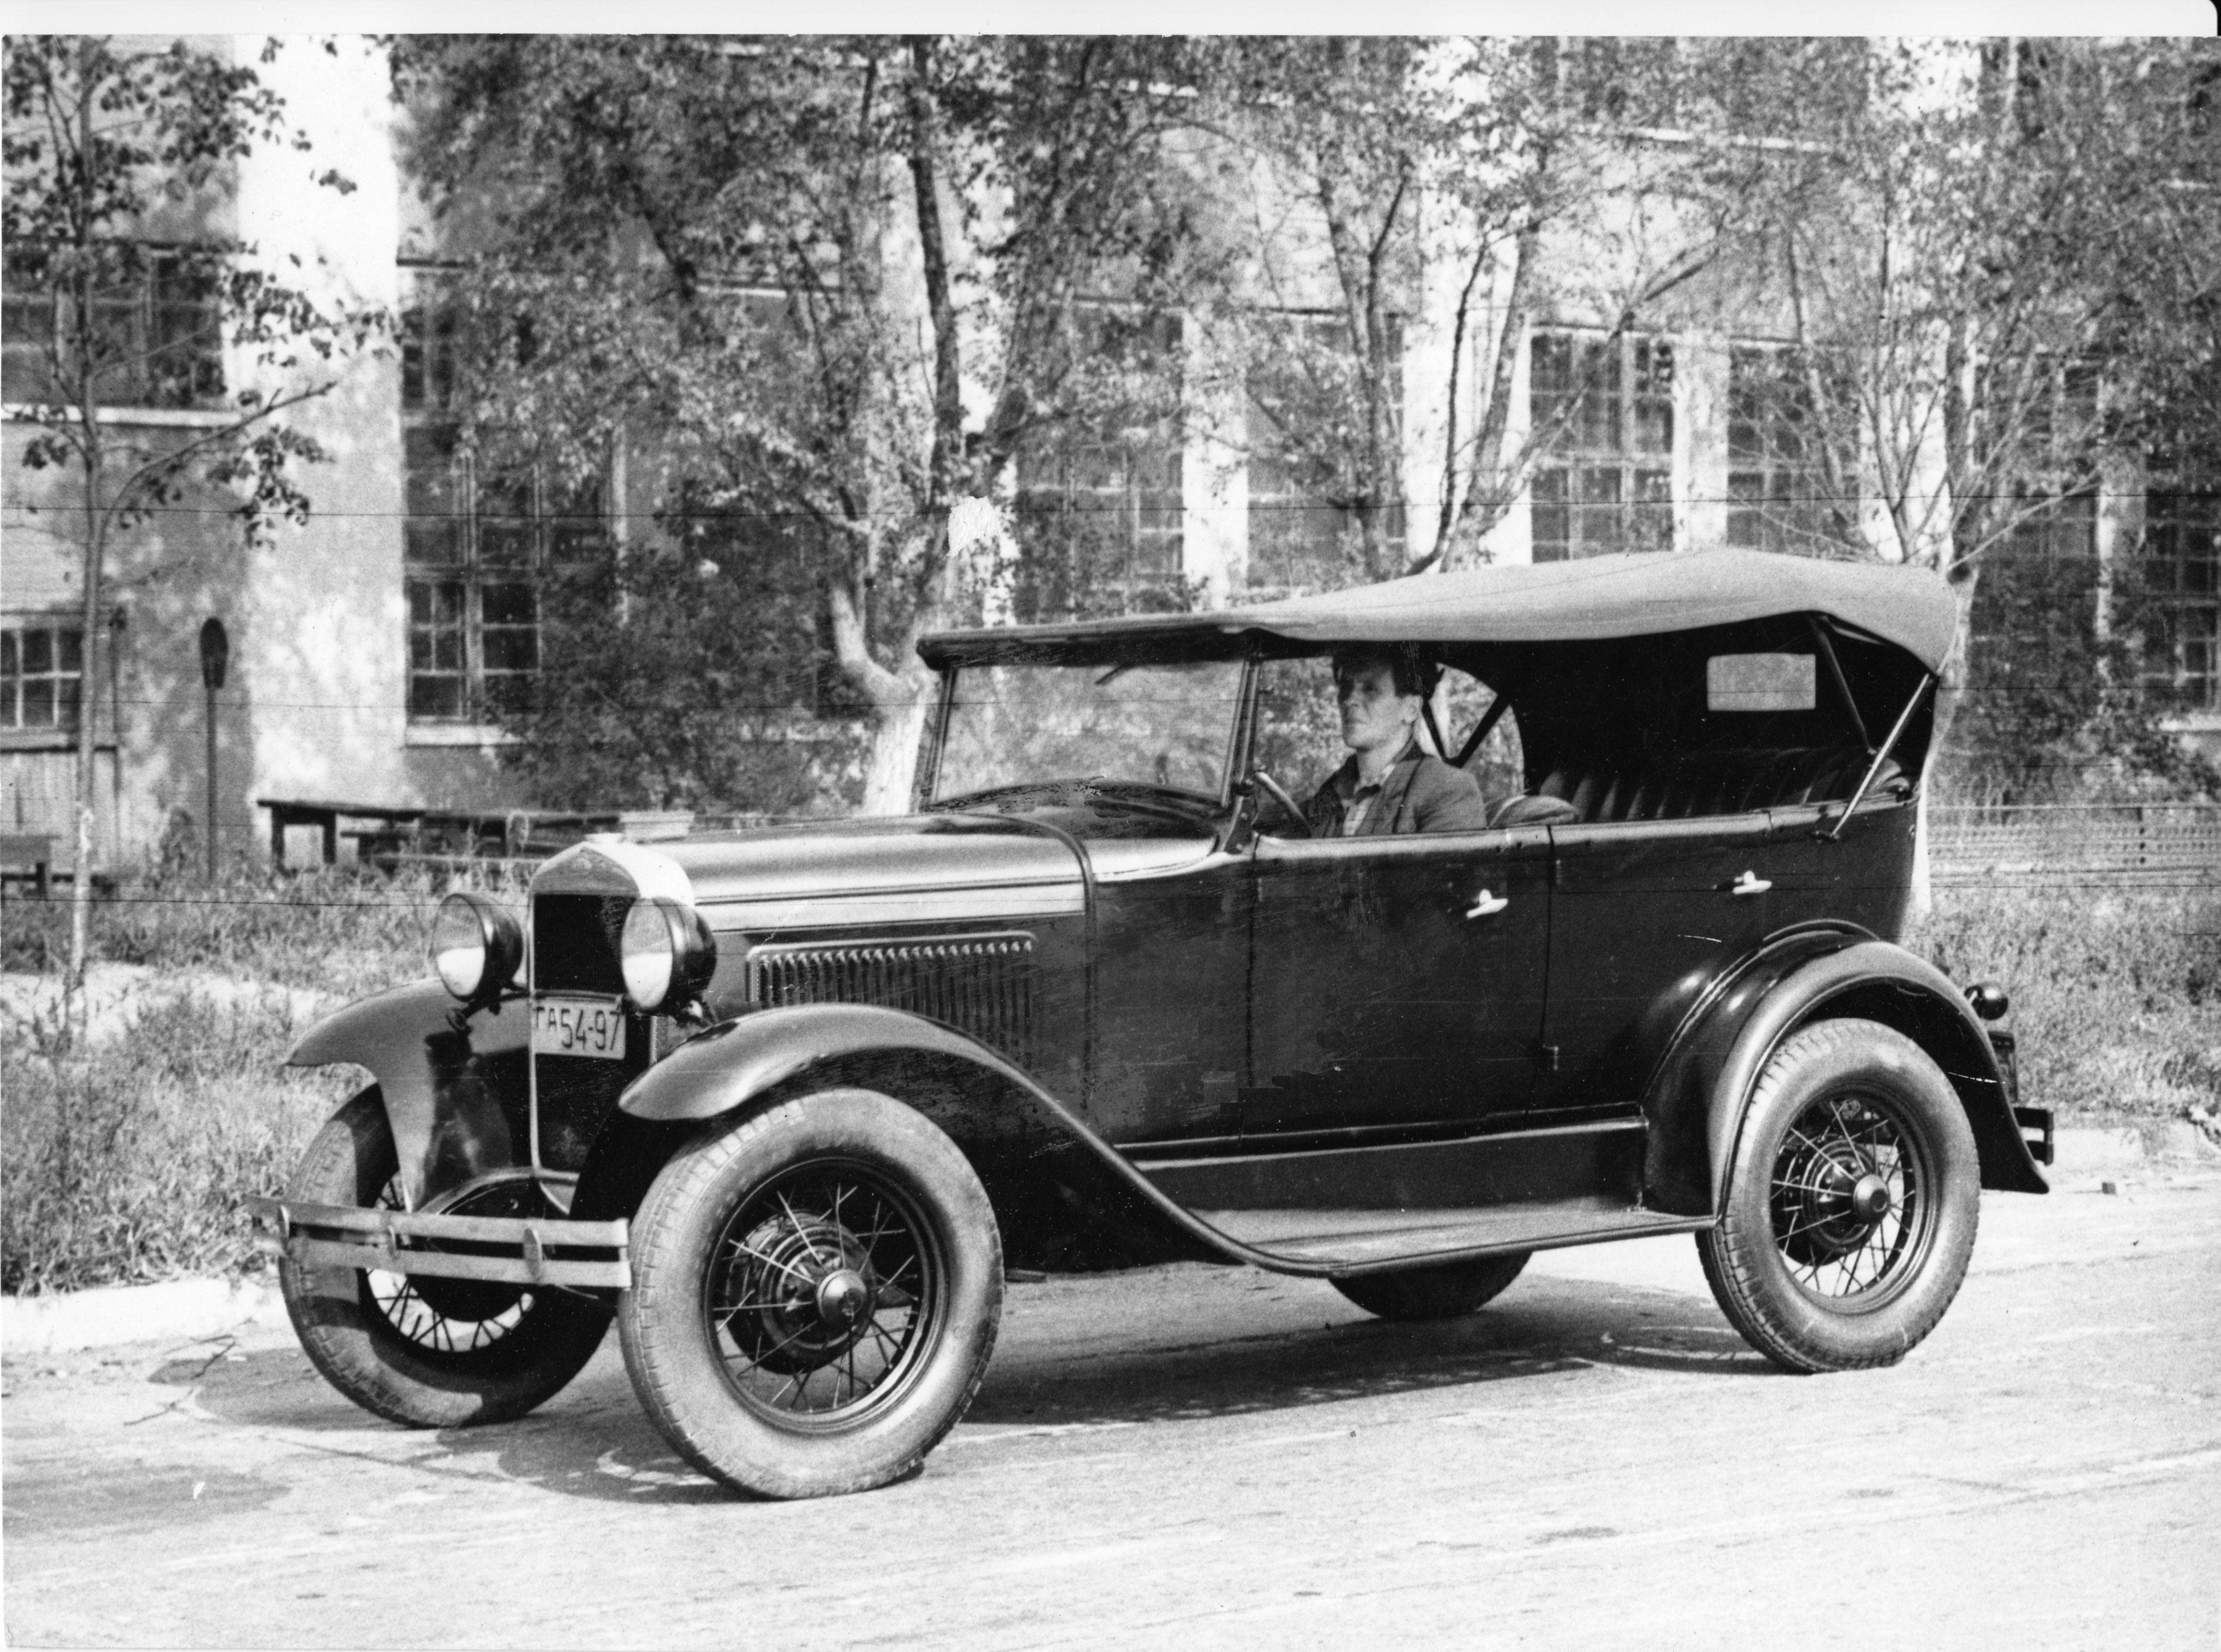 ГАЗ-А / GAZ-A (1932 >1936): the first mass-produced passenger car ...